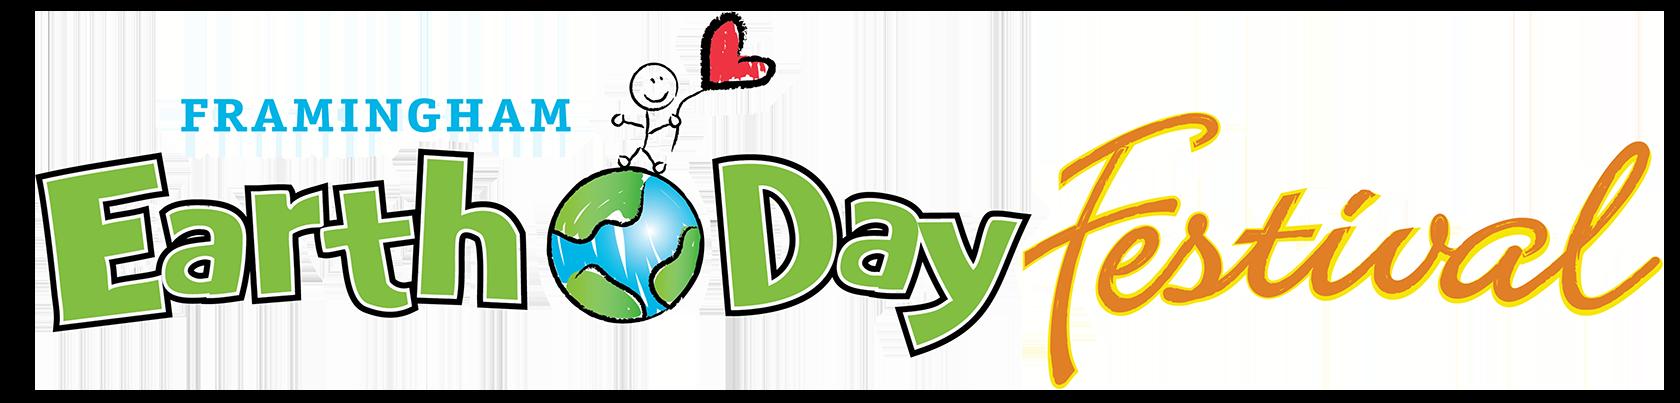 2021 Framingham Earth Day Festival